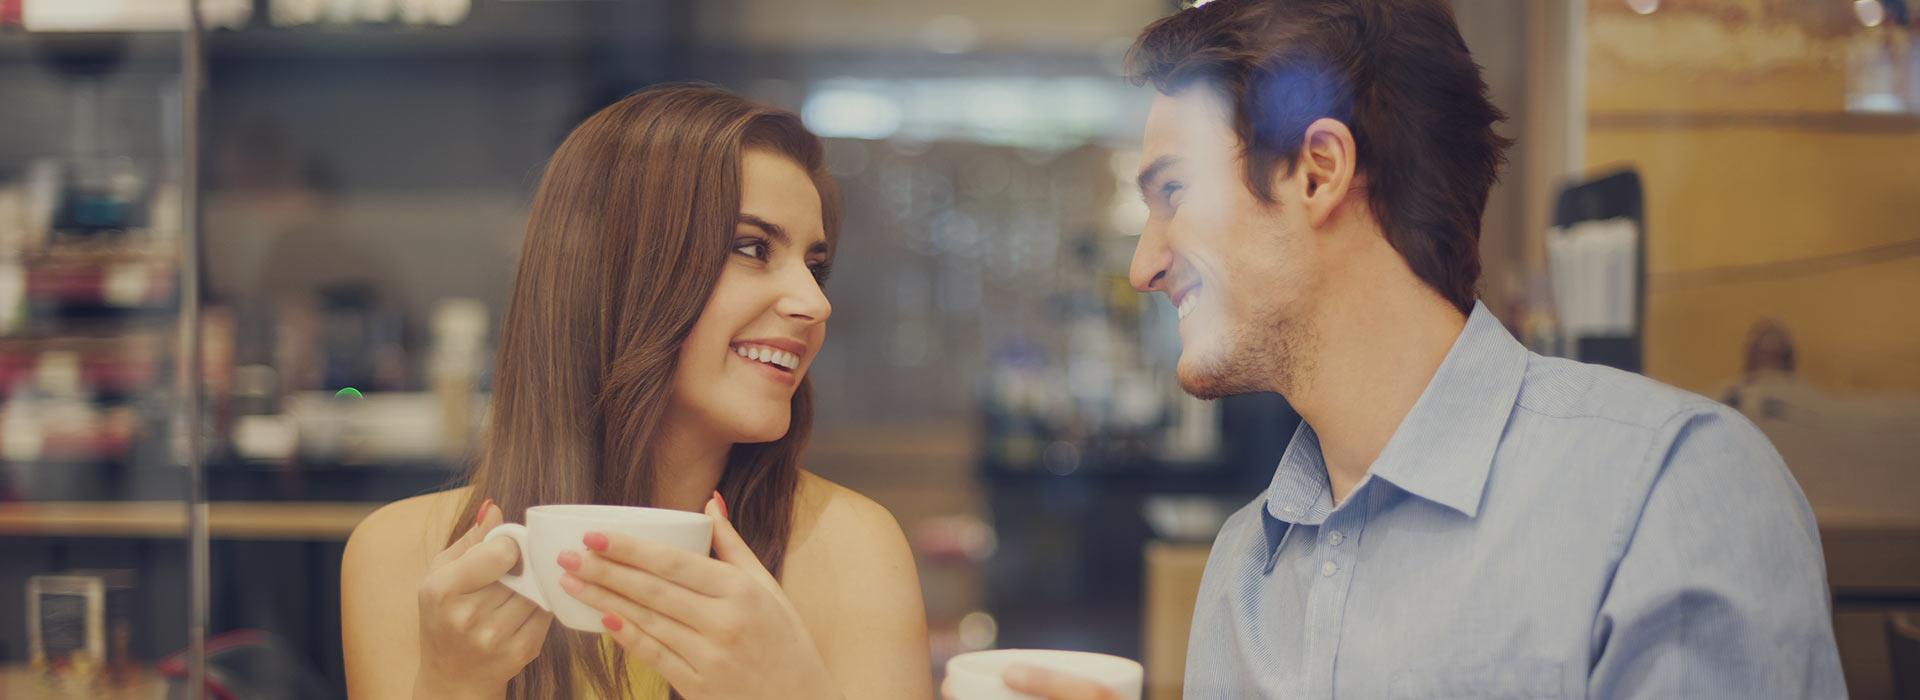 pareja charlando sobre coches y concesionarios